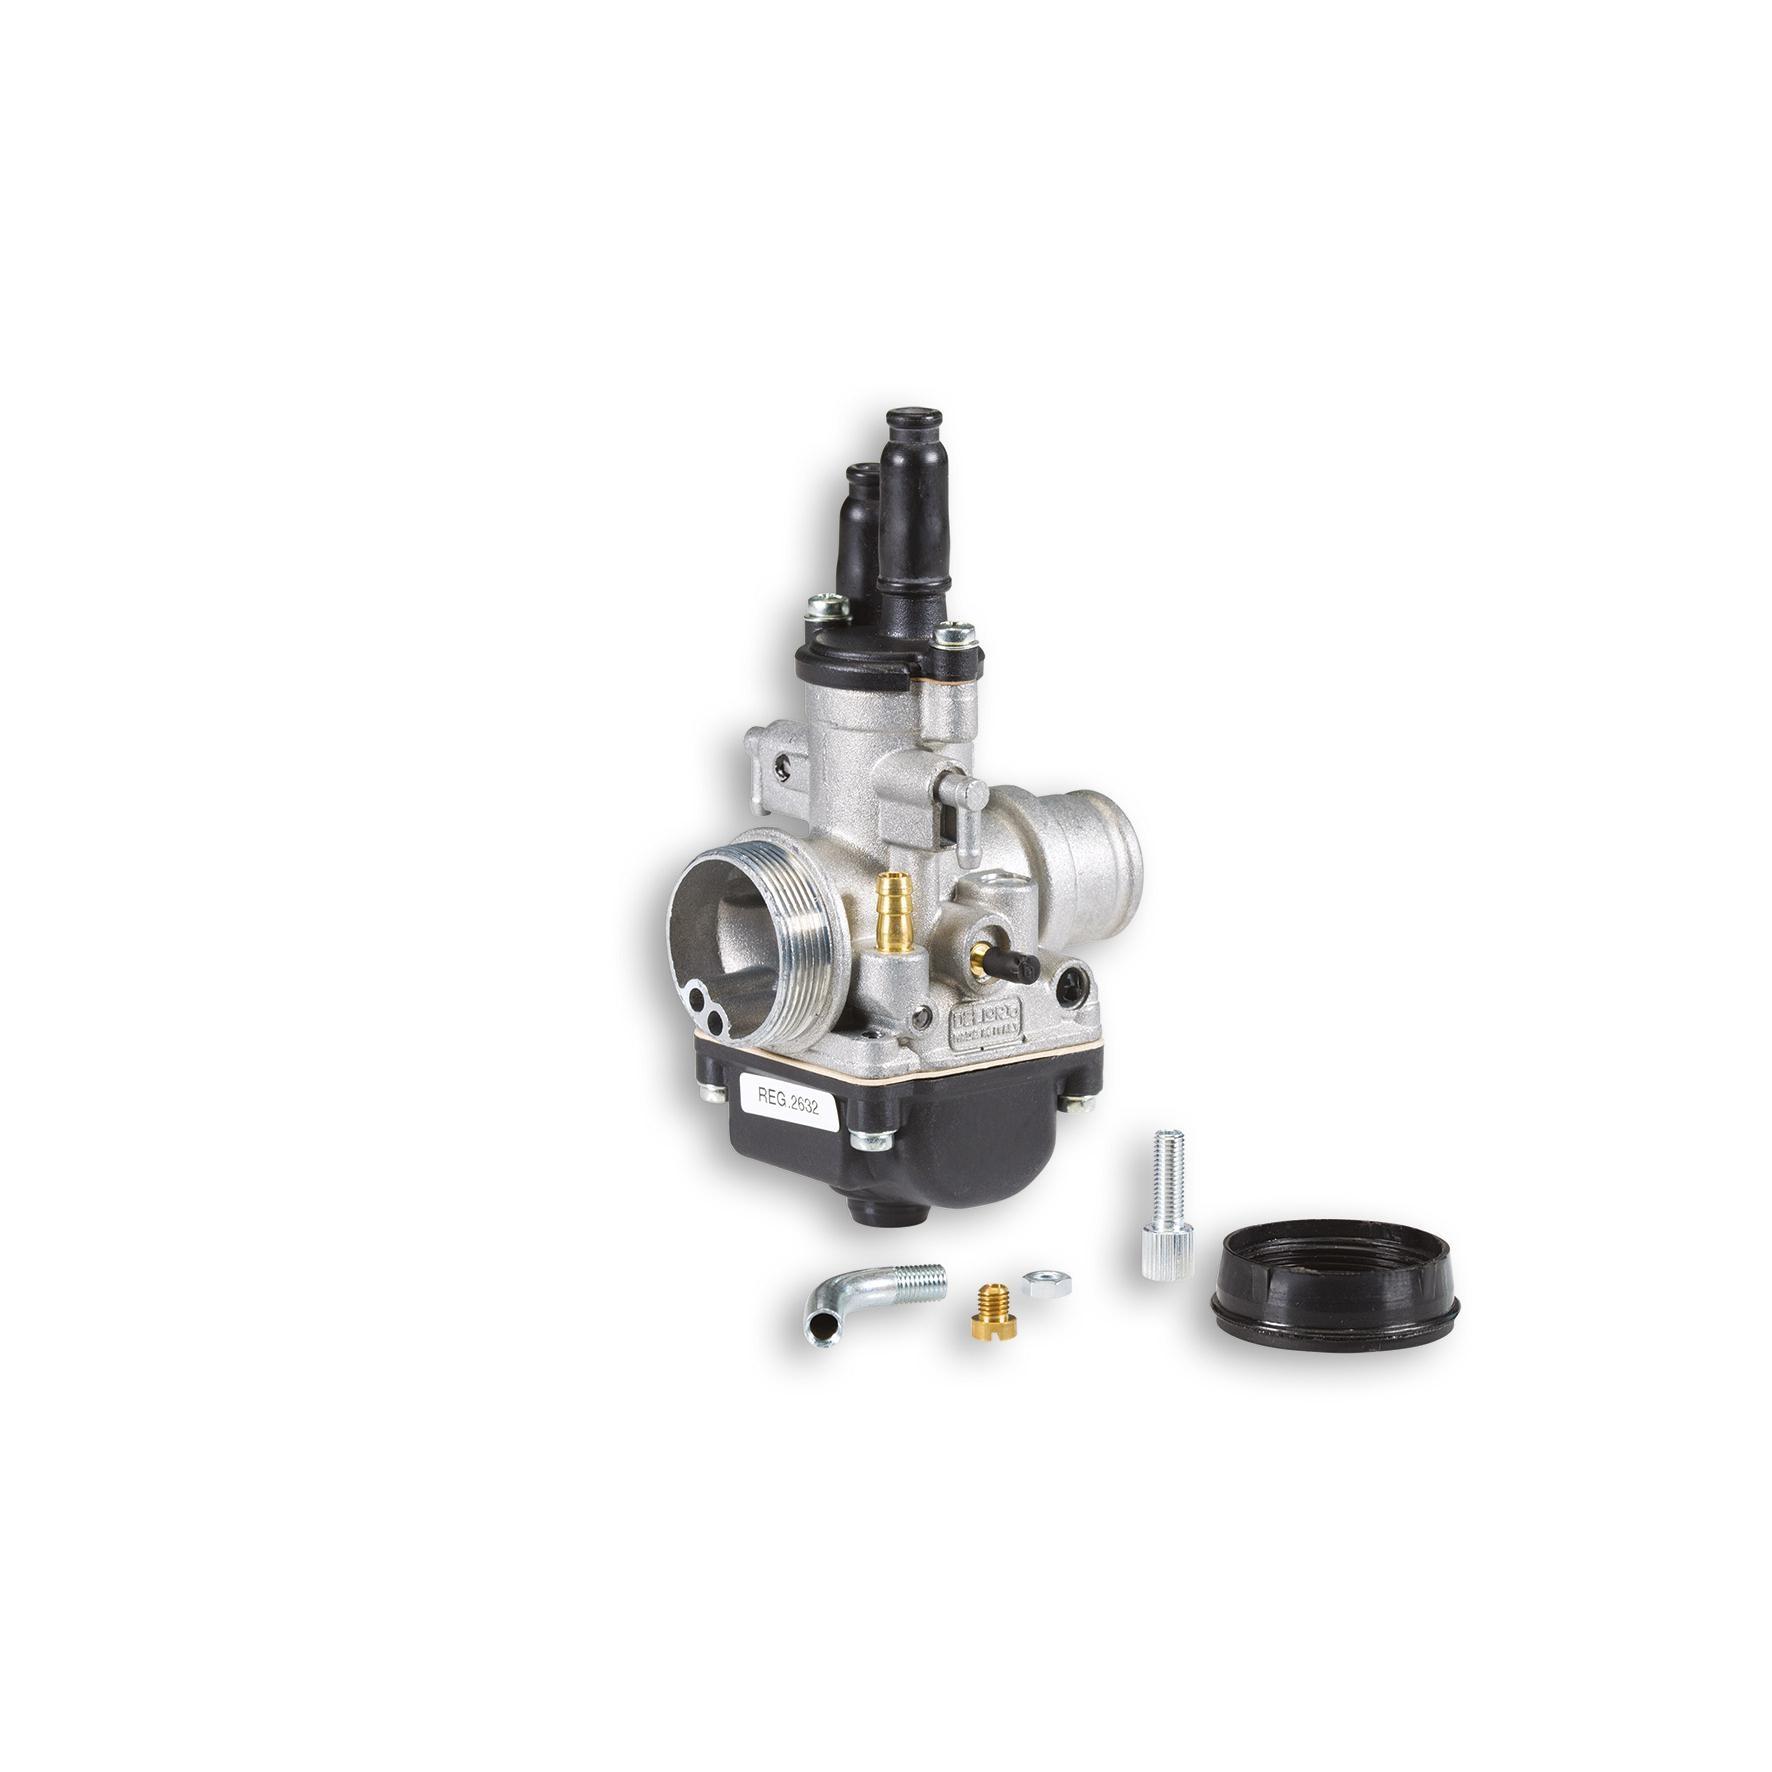 Kit carburateur Malossi PHBG 21 DS